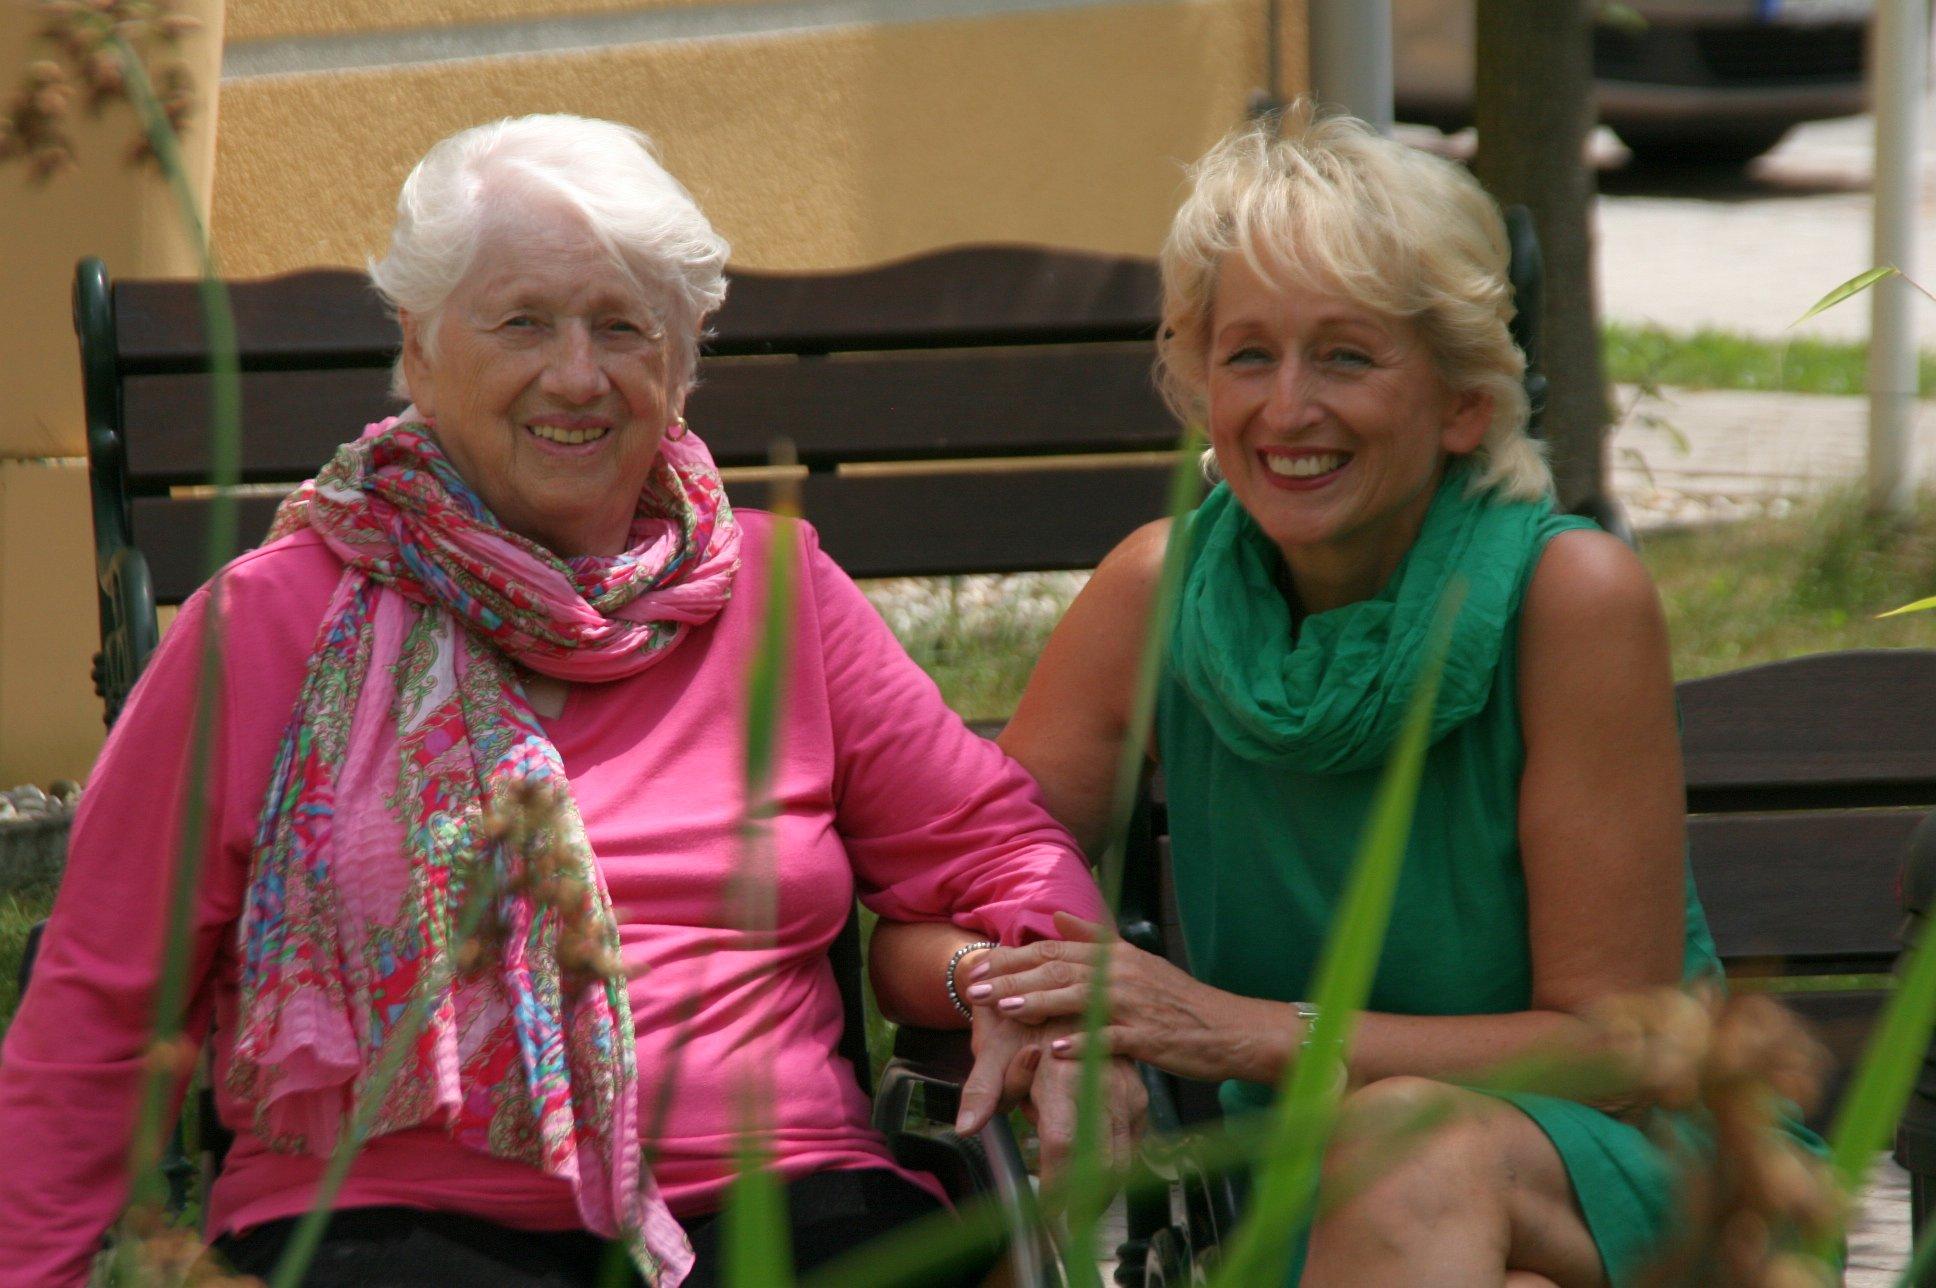 seniorenbetreuung-muenchen-lebensfreude-66-plus-natur